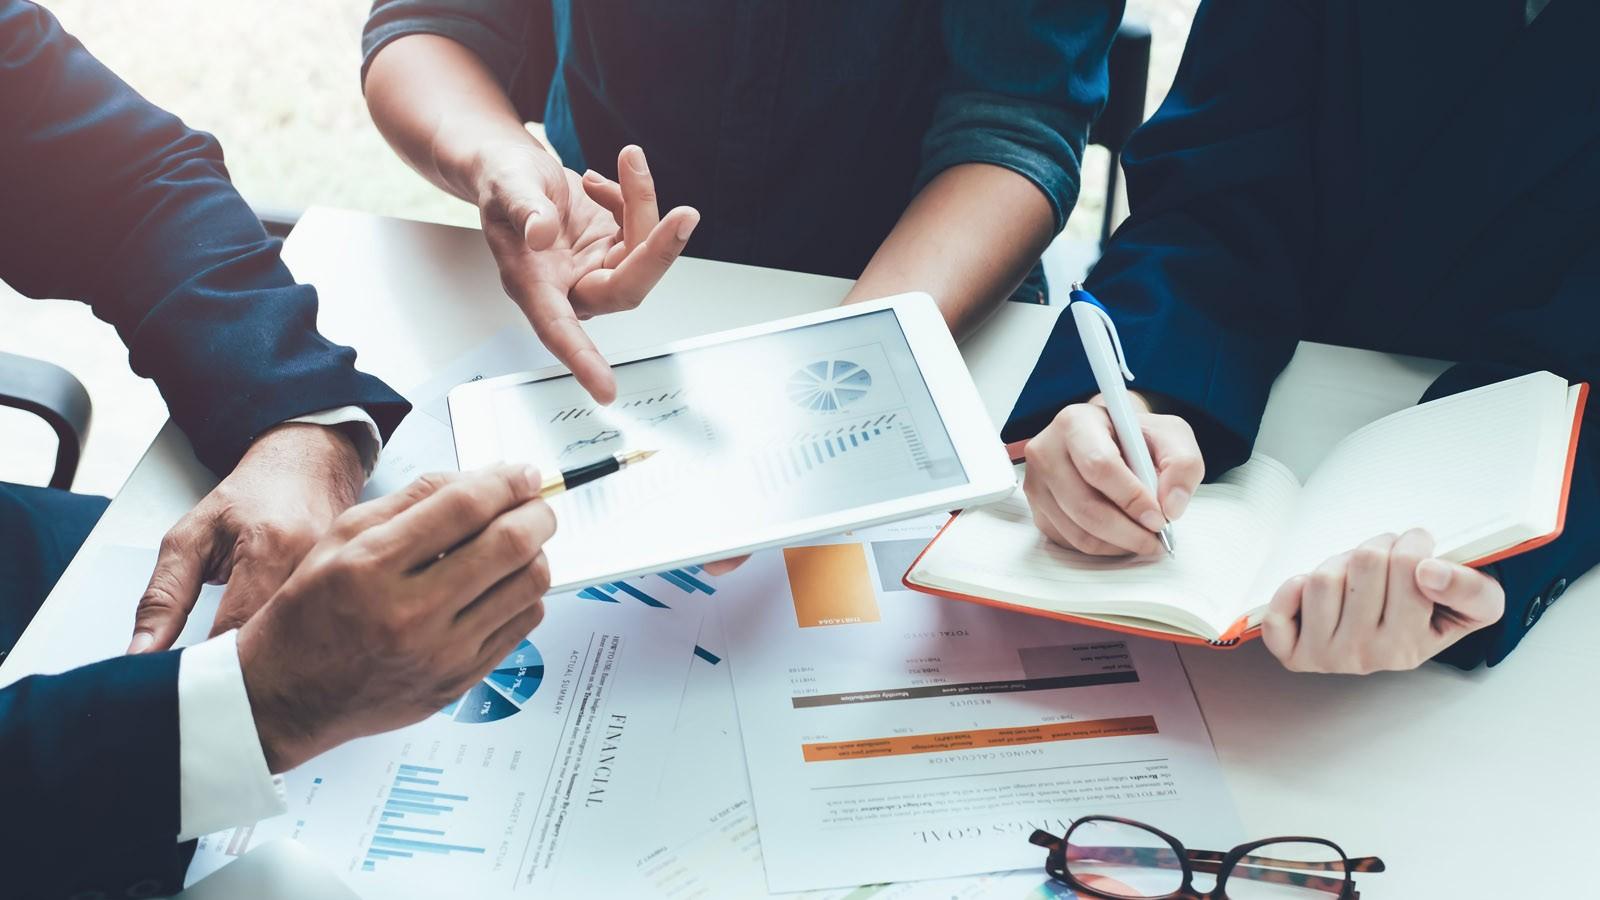 Las novedades del Plan Estratégico 2019-2022 de la AEAT